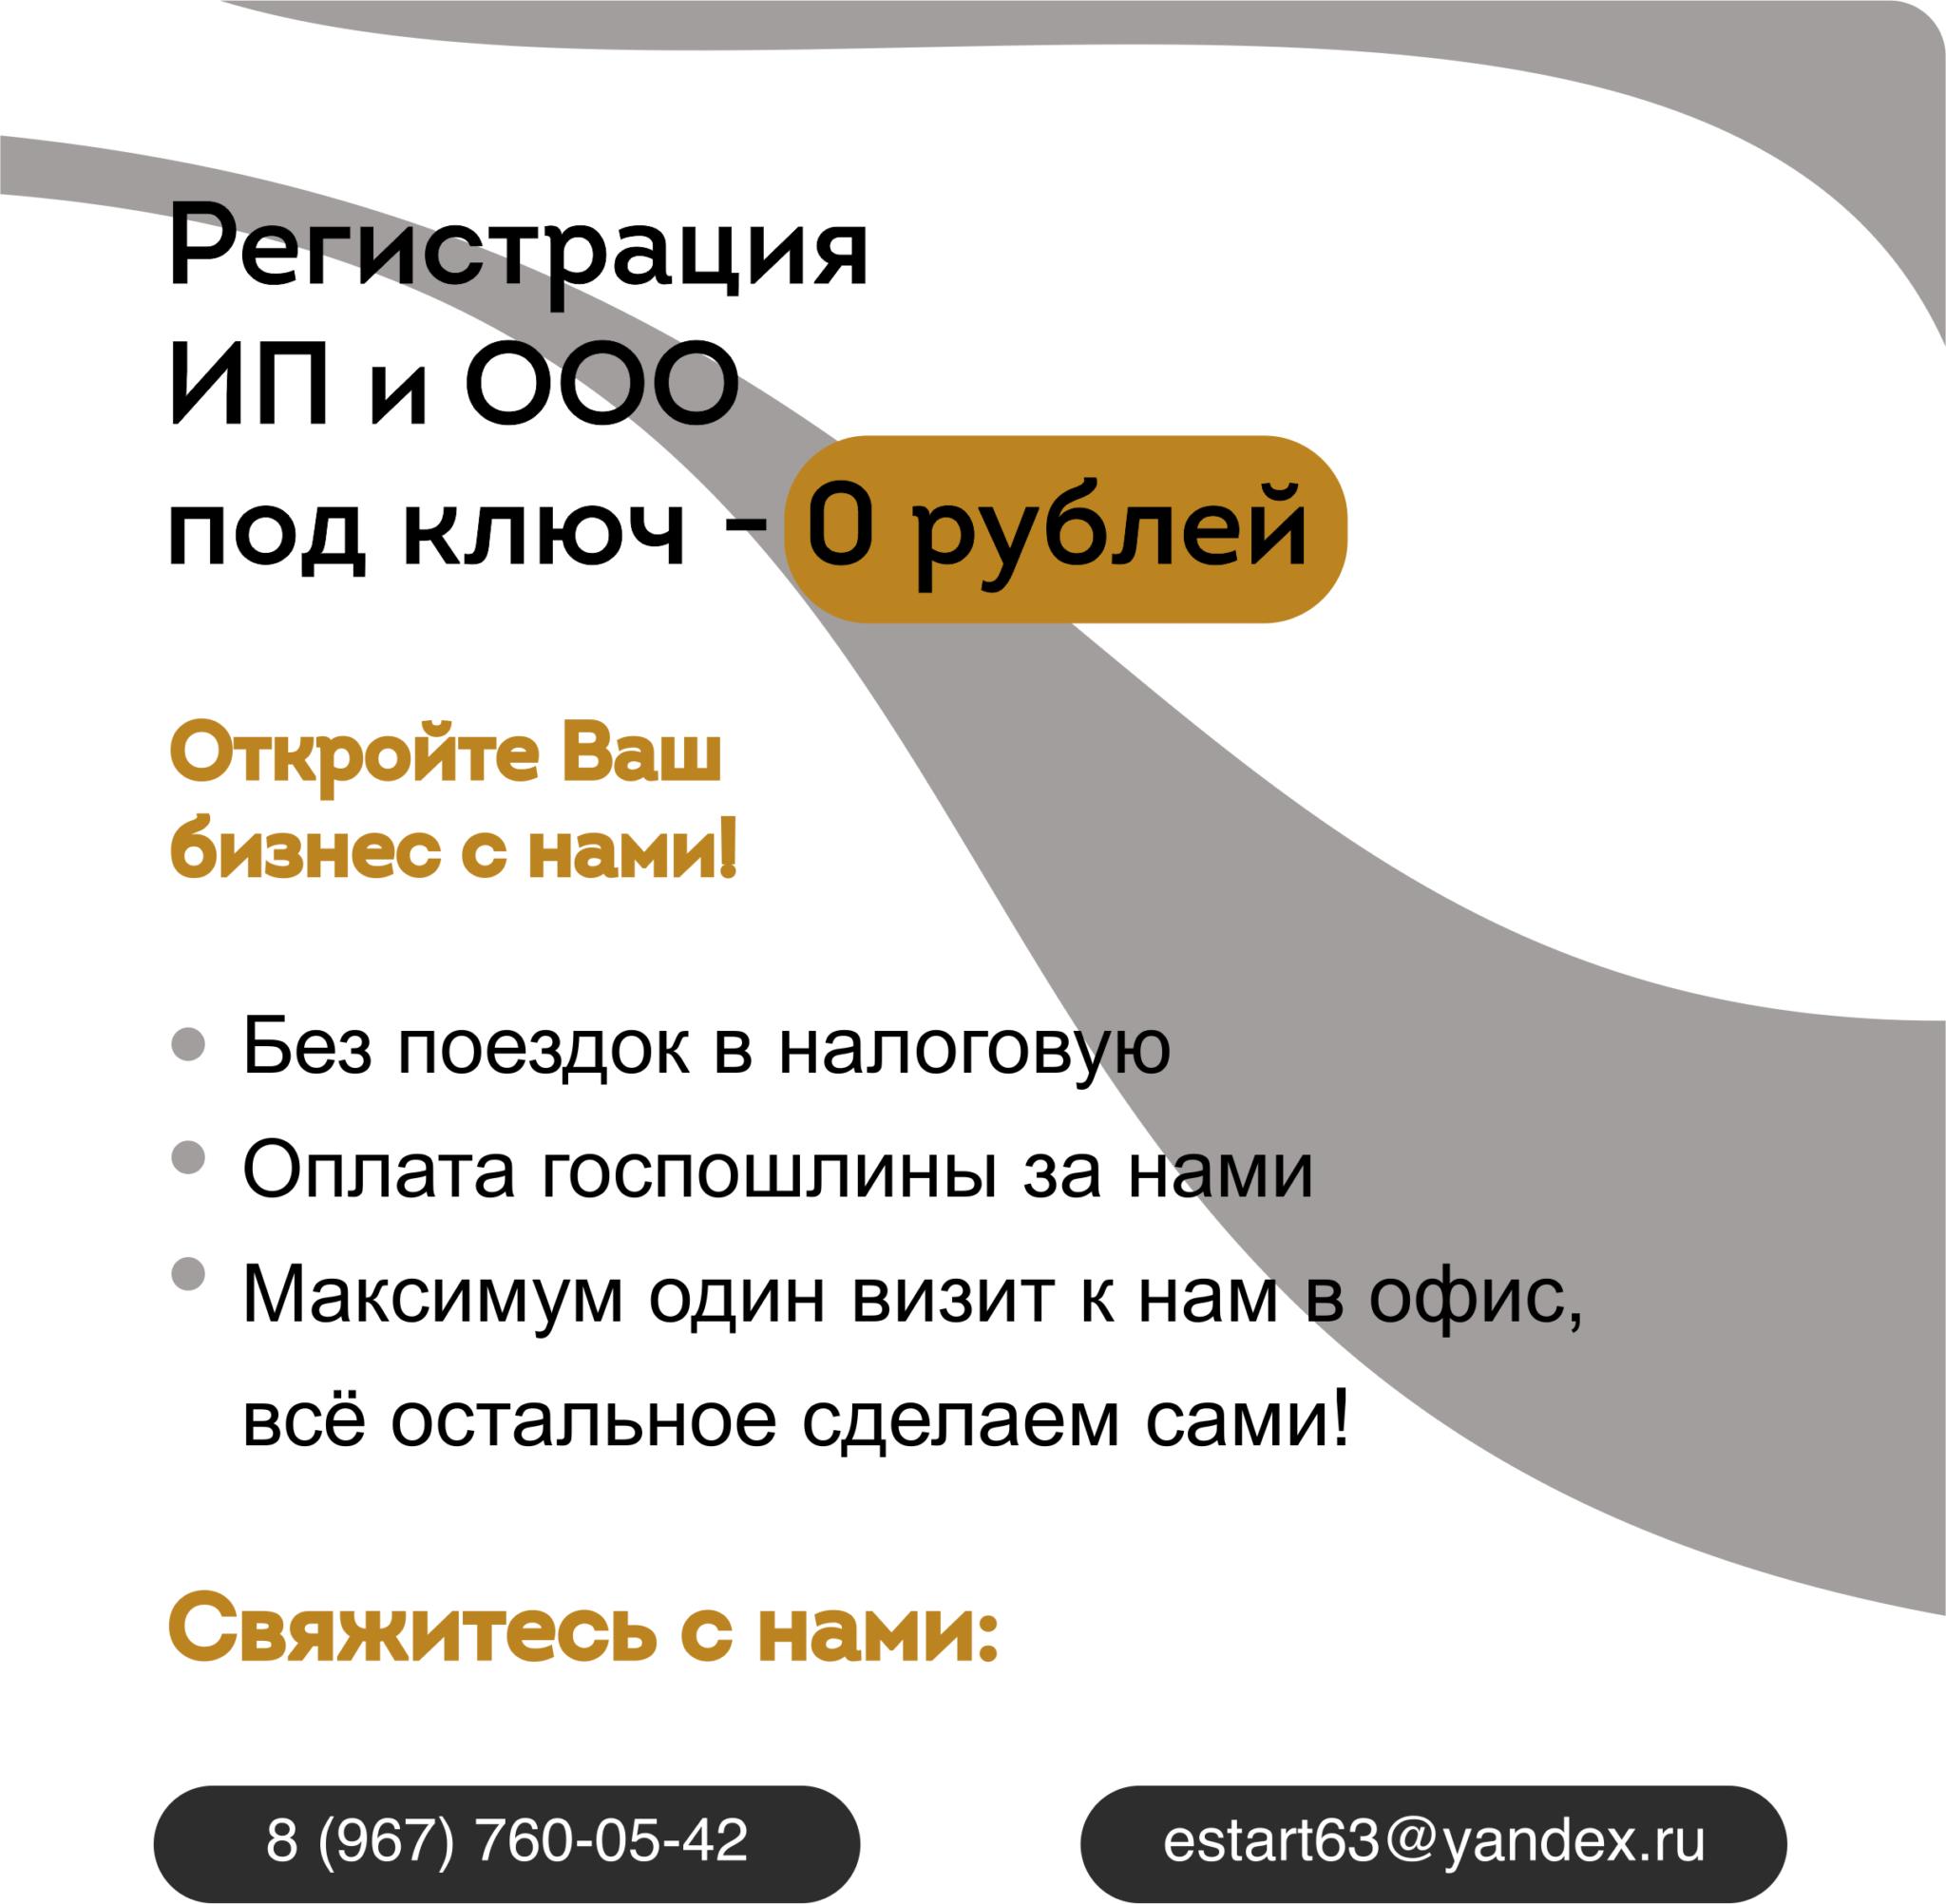 Открытие ООО/ИП